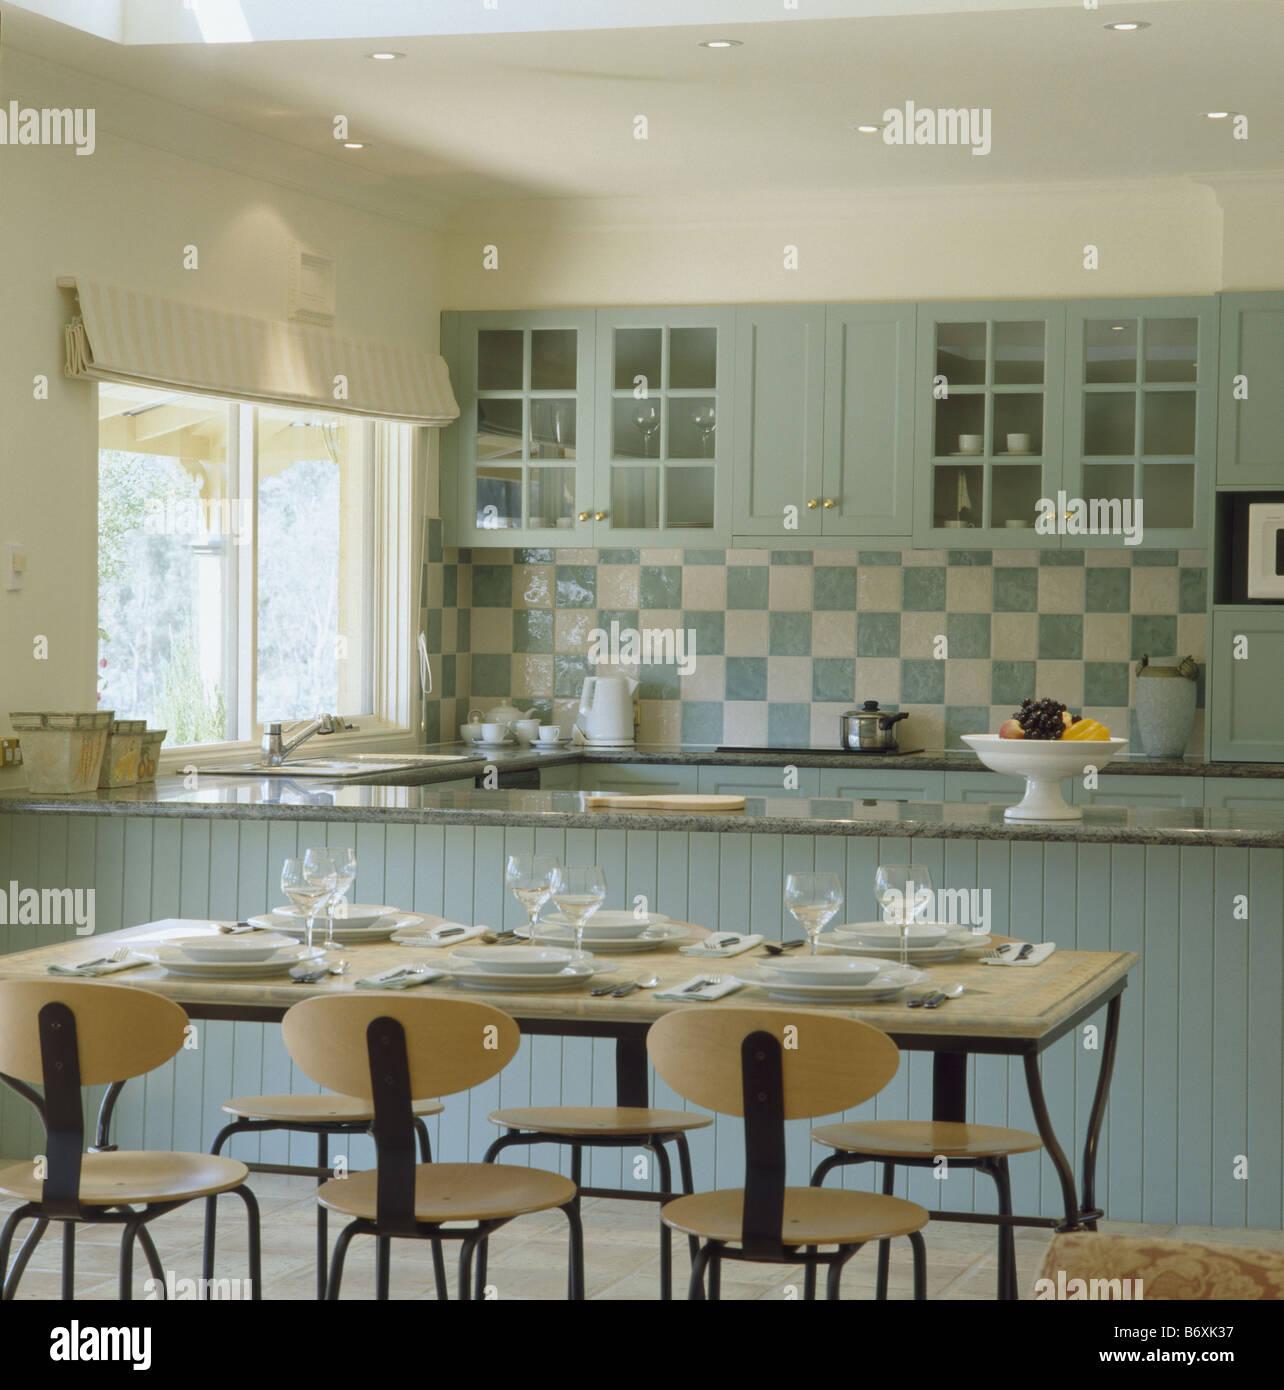 Moderner Tisch Und Stühle Im Traditionellen Küche Esszimmer Mit